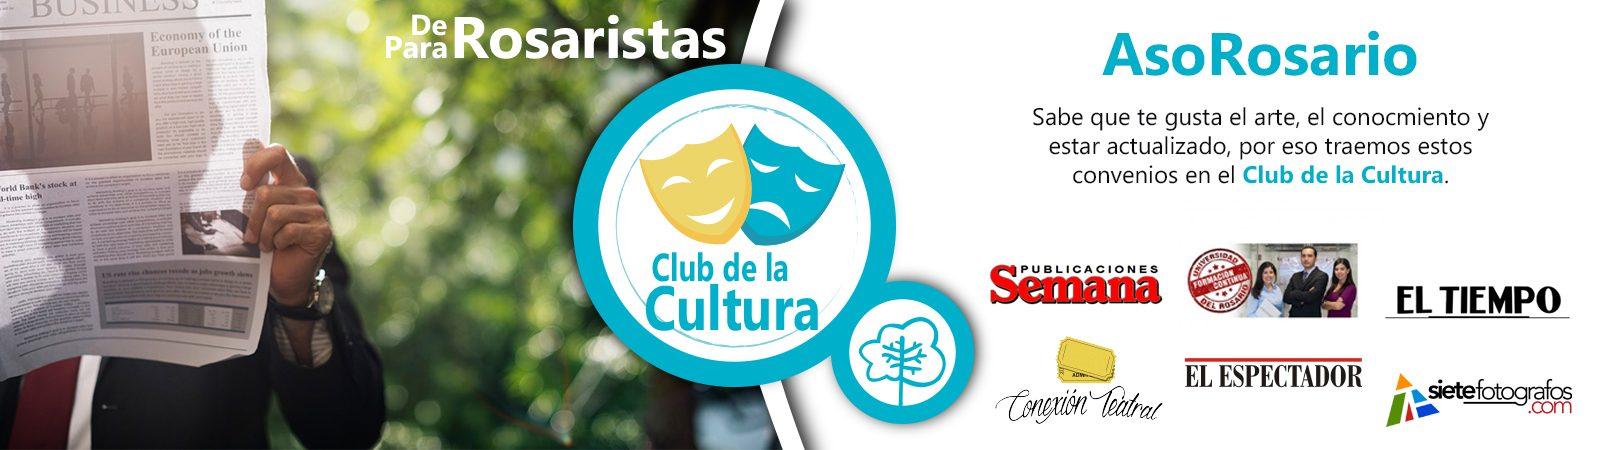 Club de la Cultura